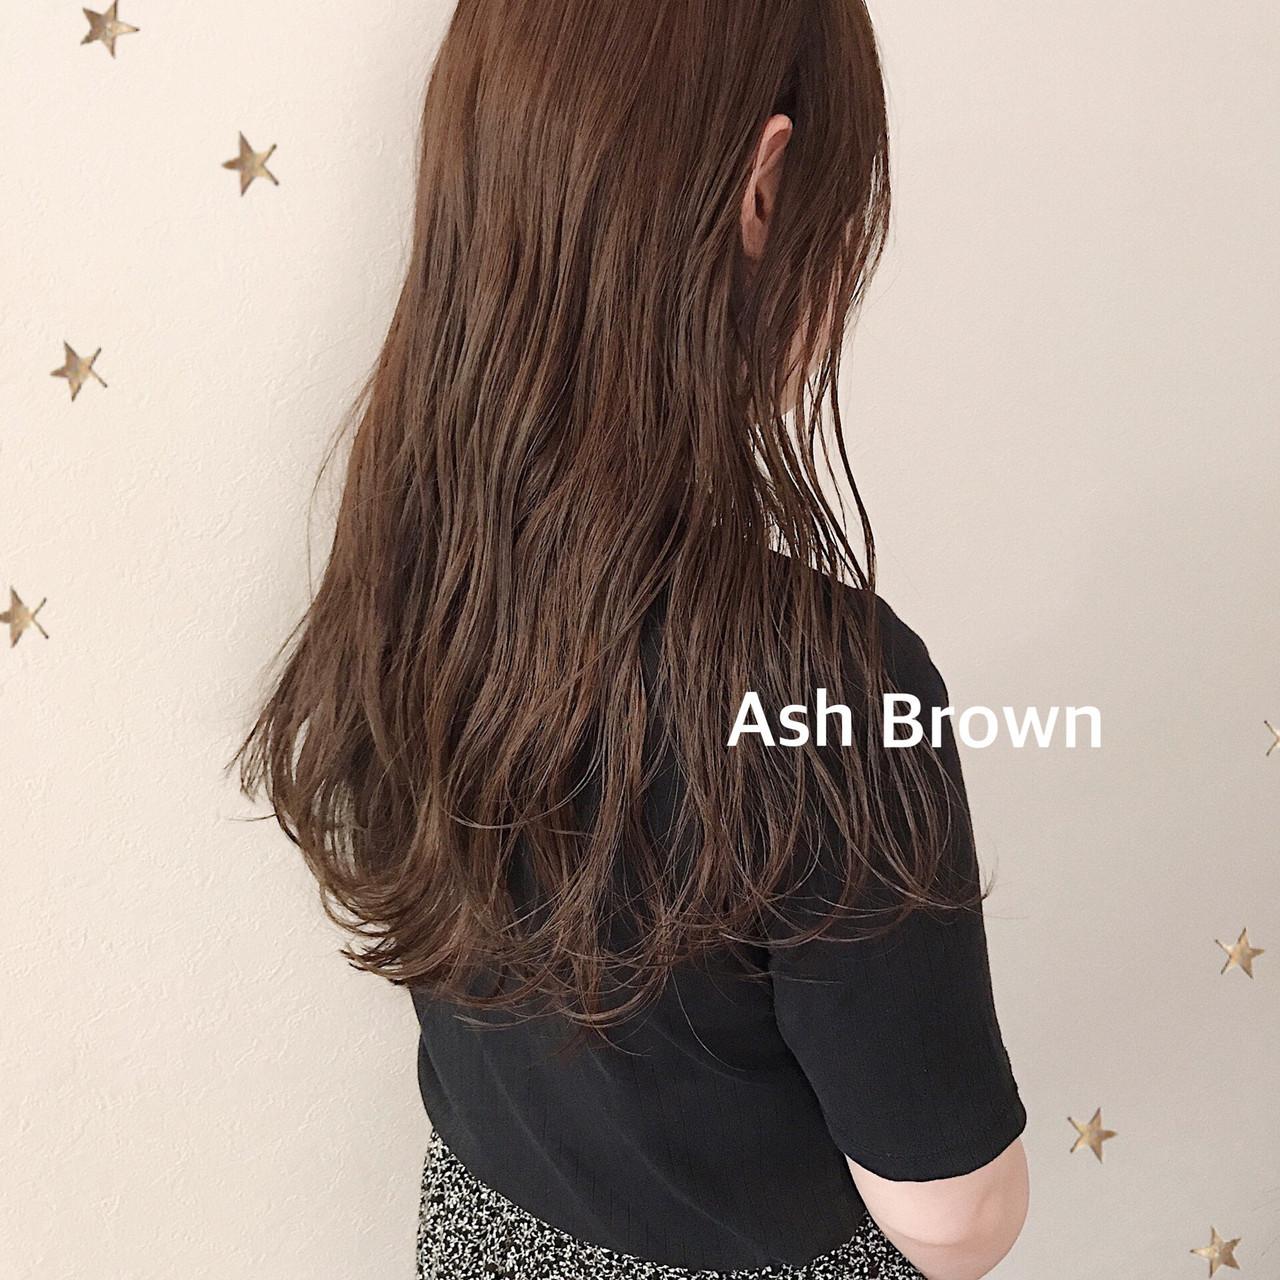 大人女子 ナチュラル ロング アッシュブラウン ヘアスタイルや髪型の写真・画像